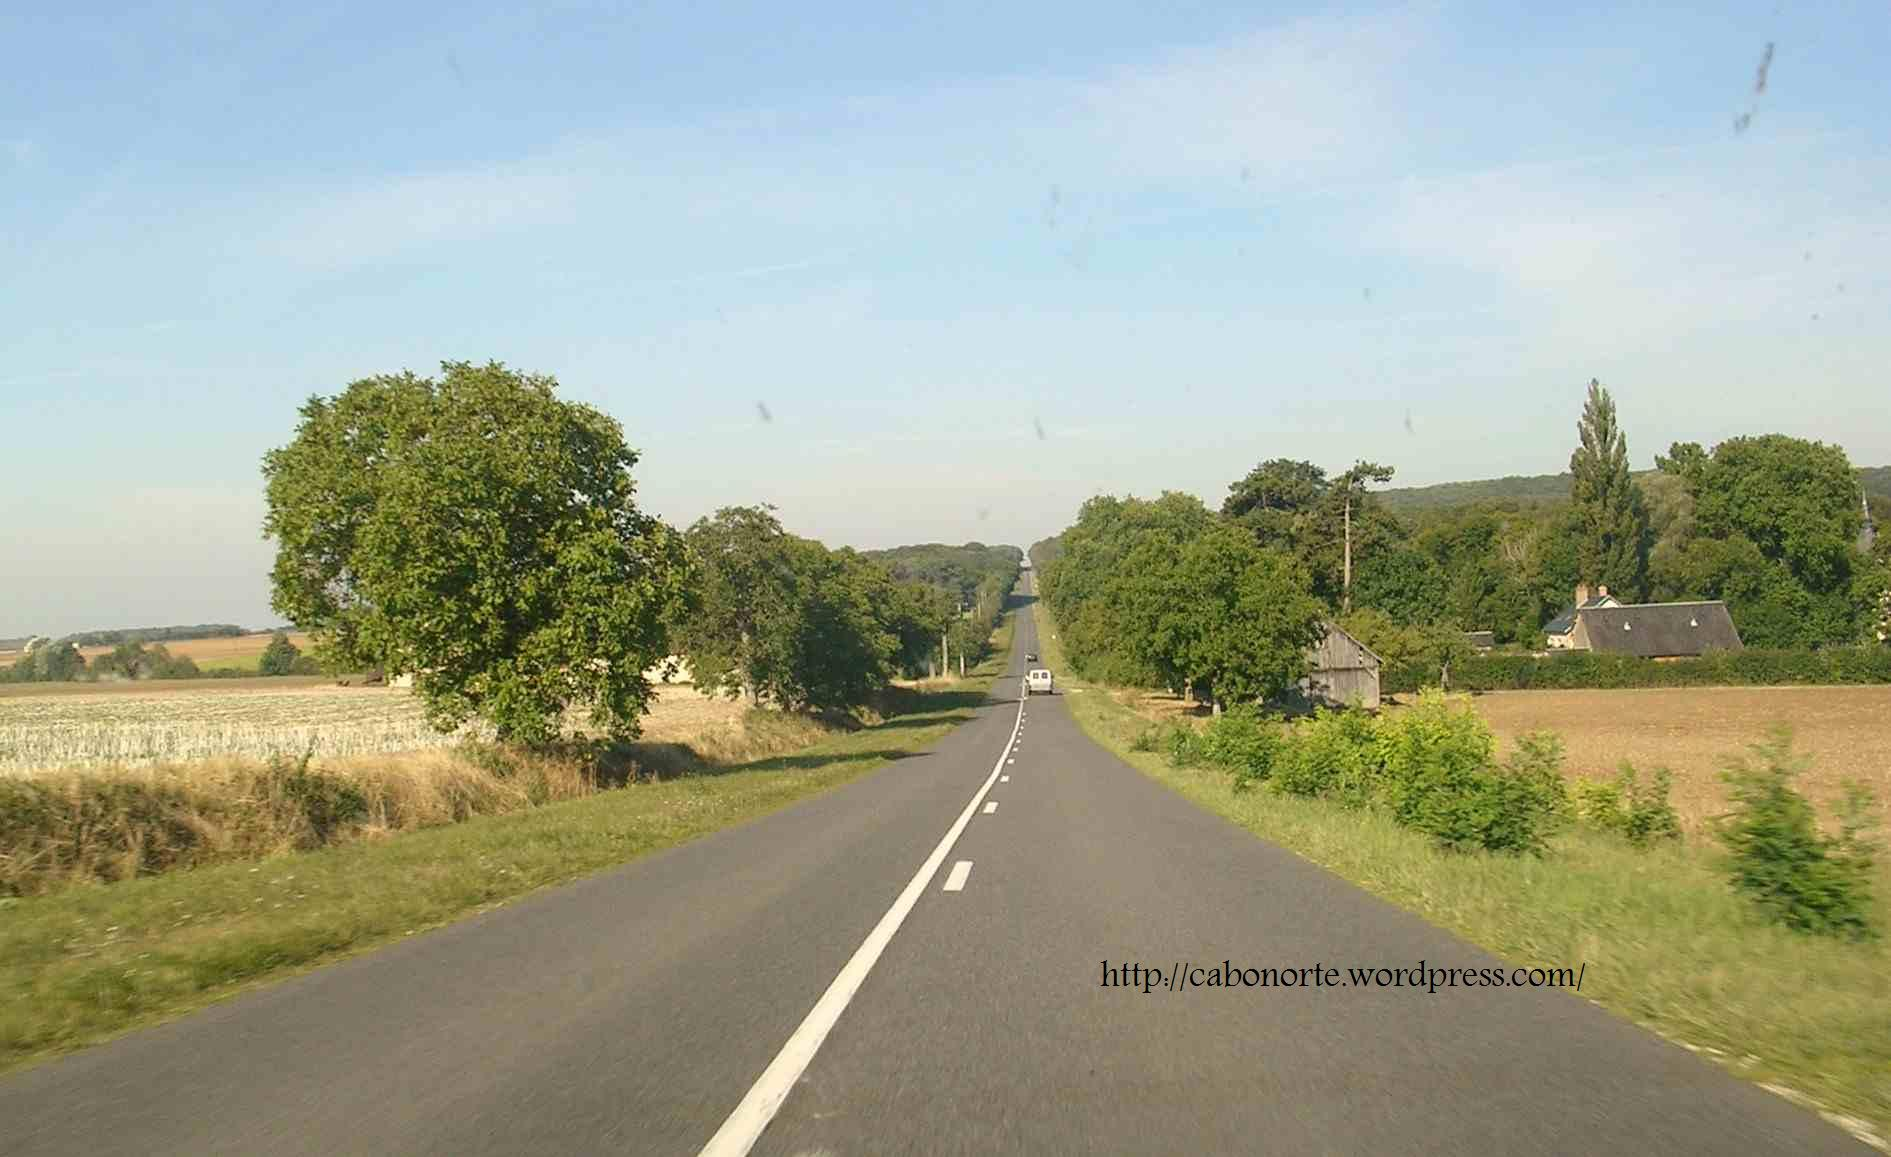 Carretera nacional en la región de Borgoña. Agosto de 2005